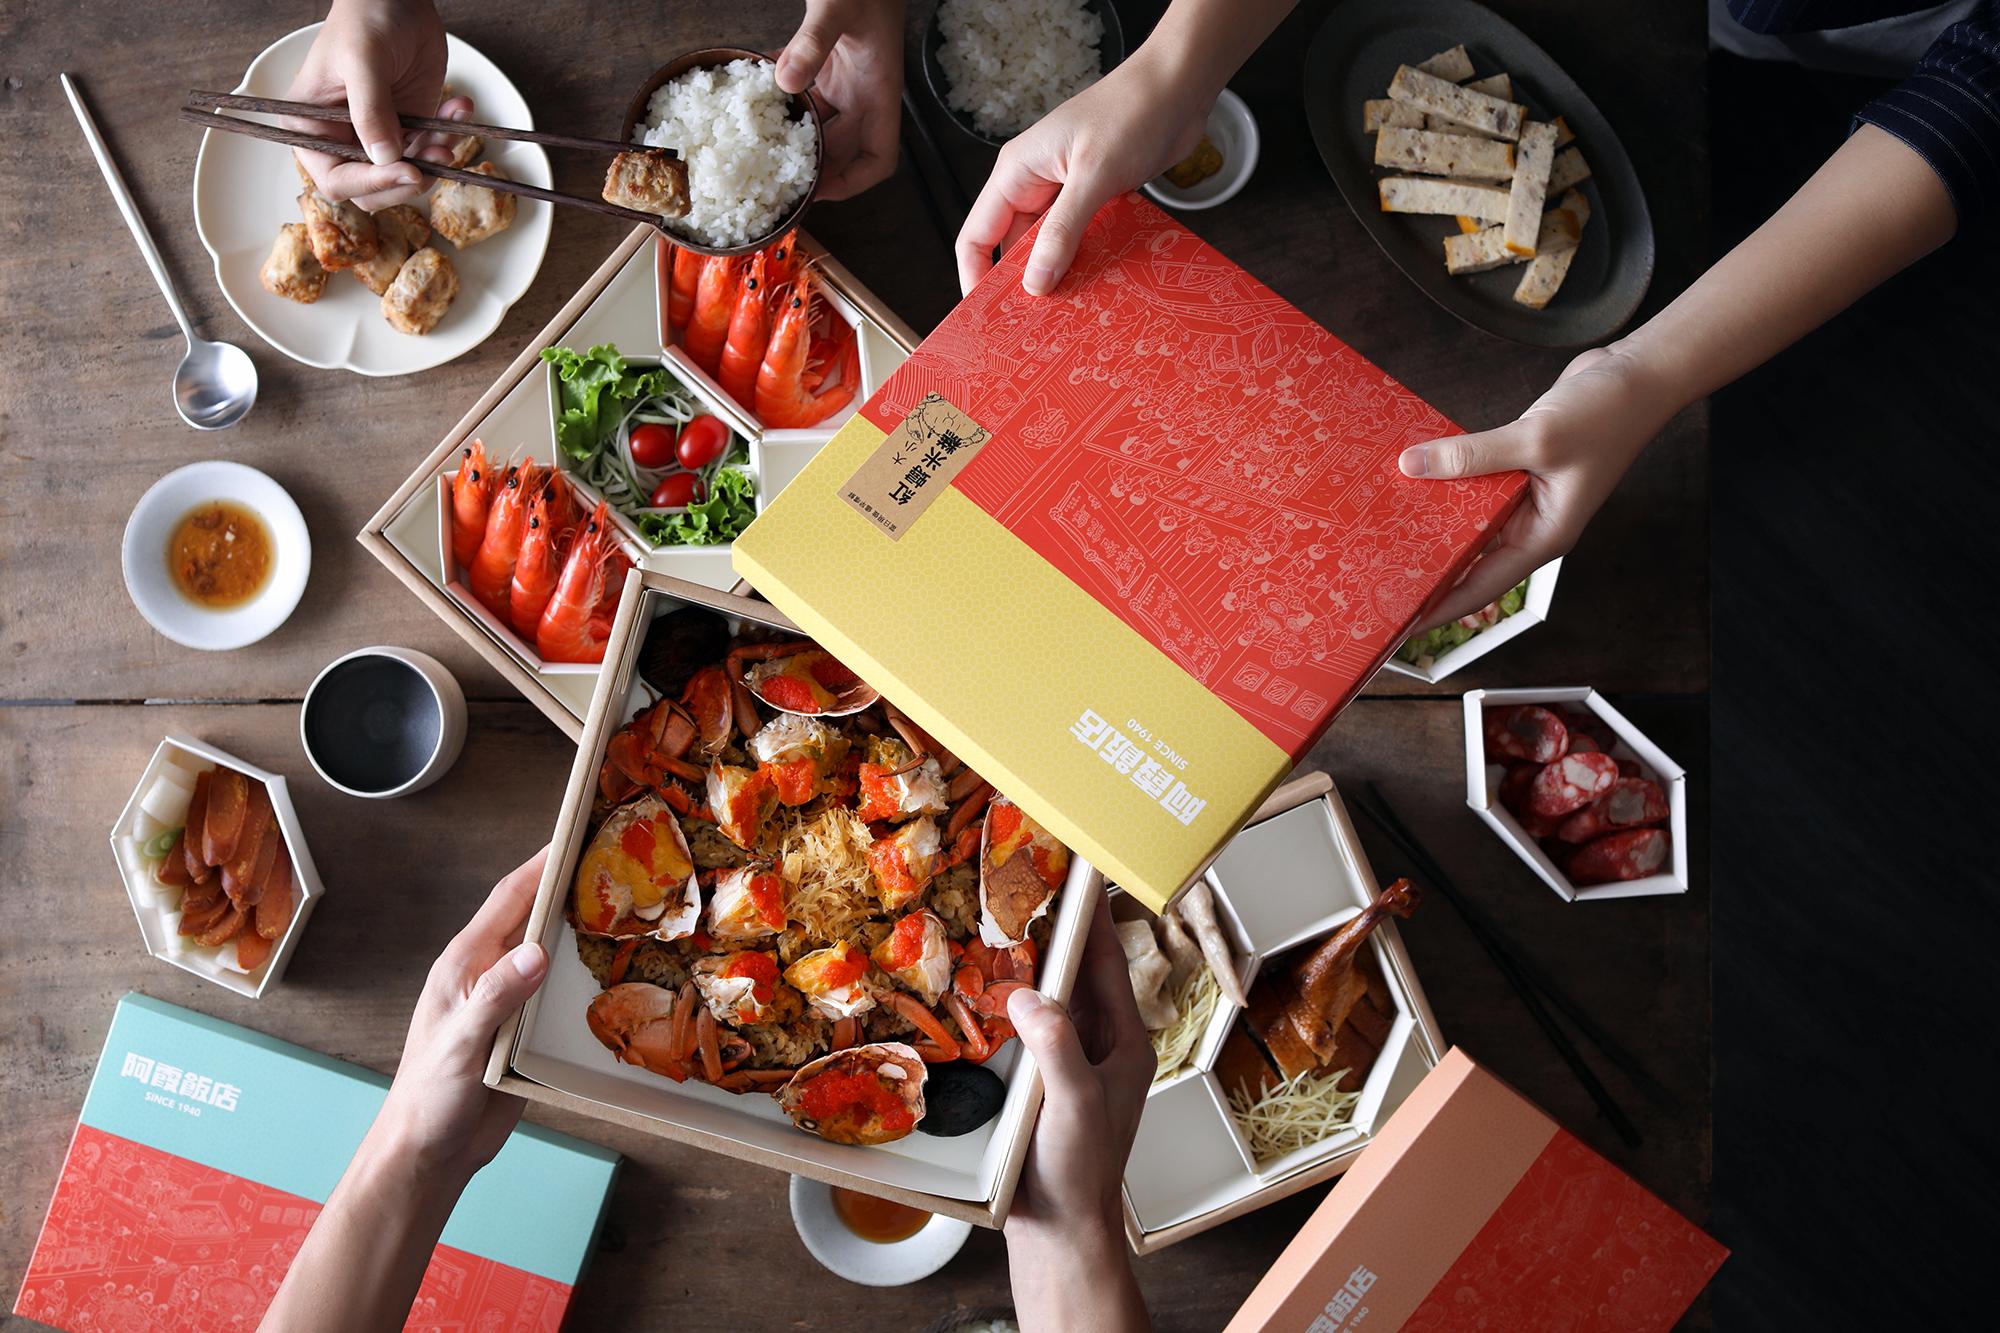 位于台南的阿霞饭店,乘载了当地人的共同情感与记忆,大小喜事都少不了红蟳米糕的身影。